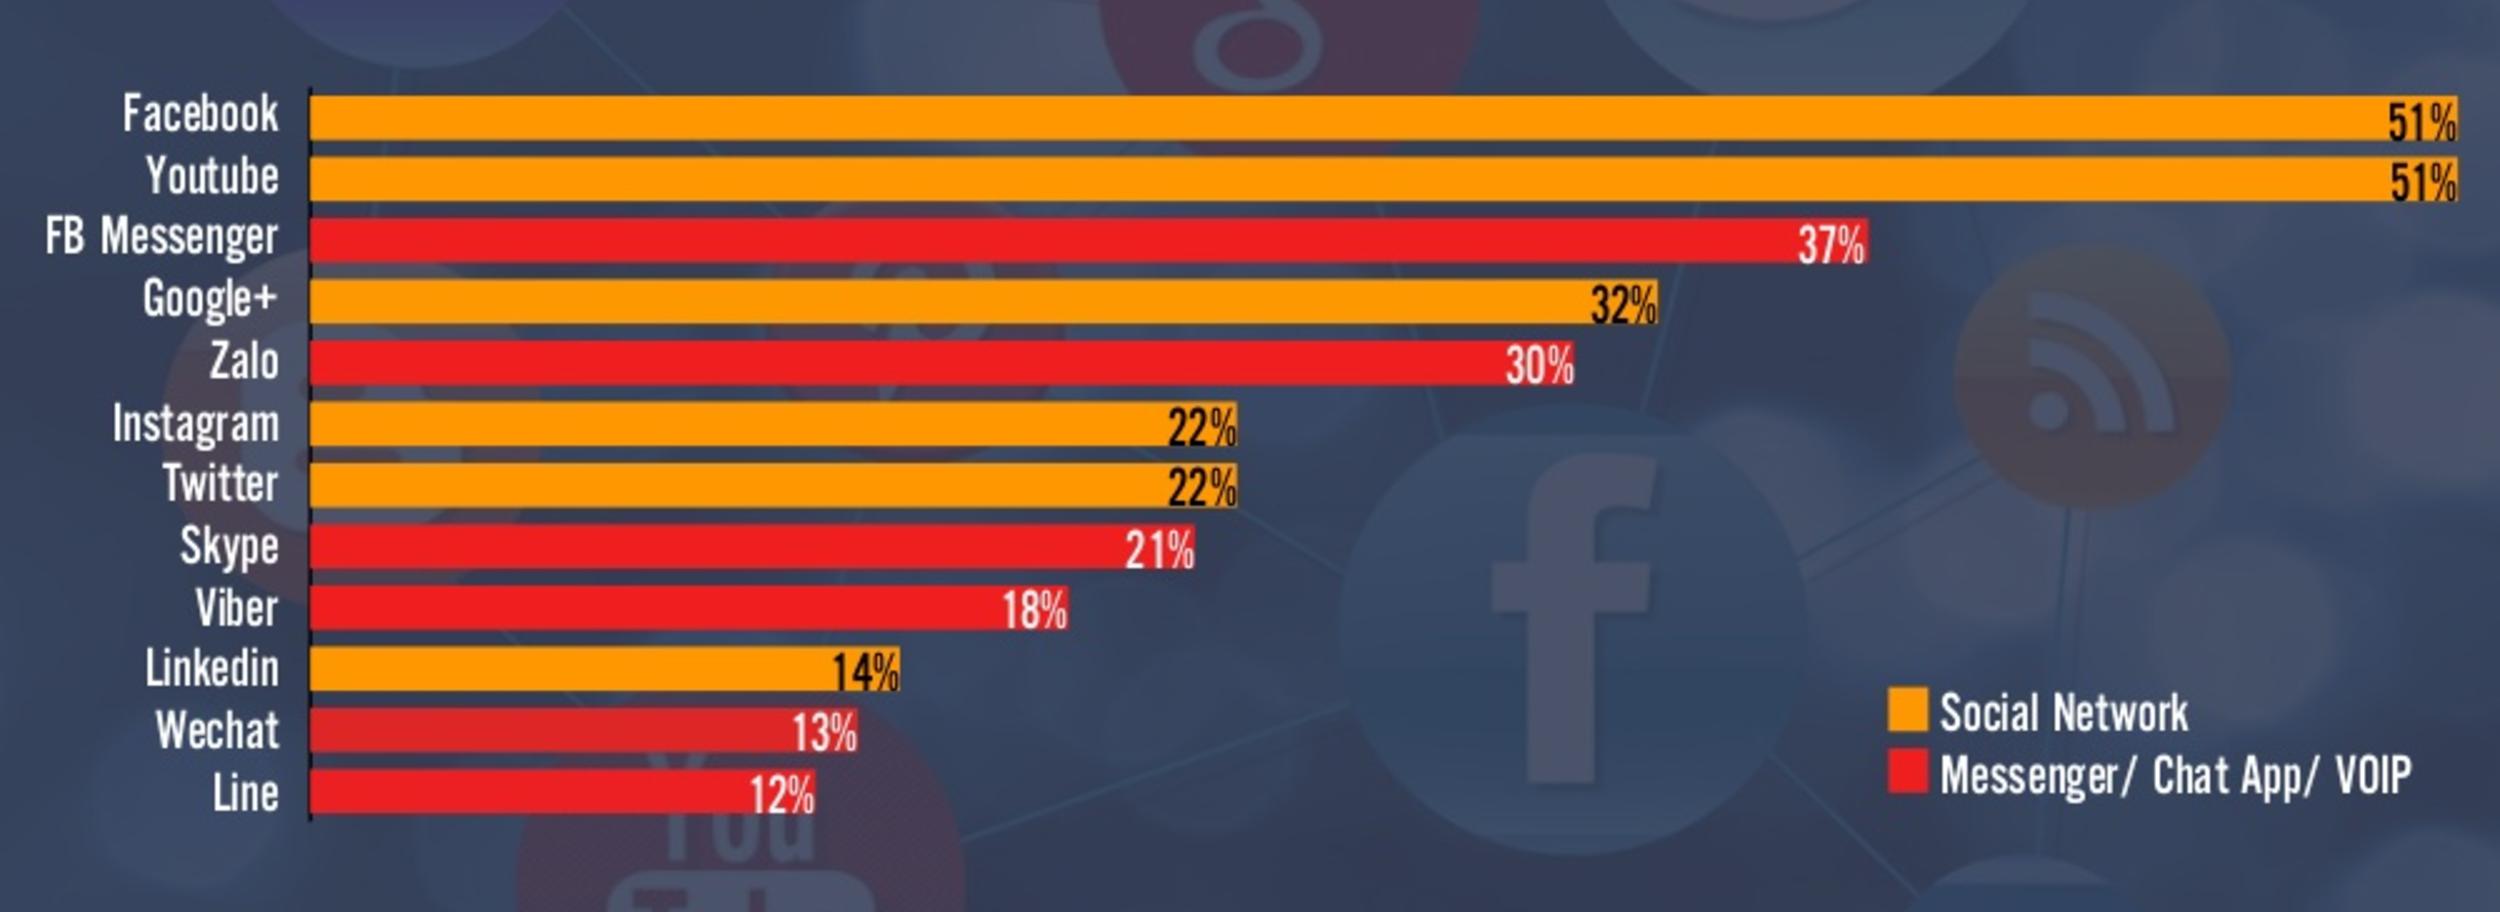 Người Việt dùng smartphone để vào mạng xã hội nhiều nhất - 2